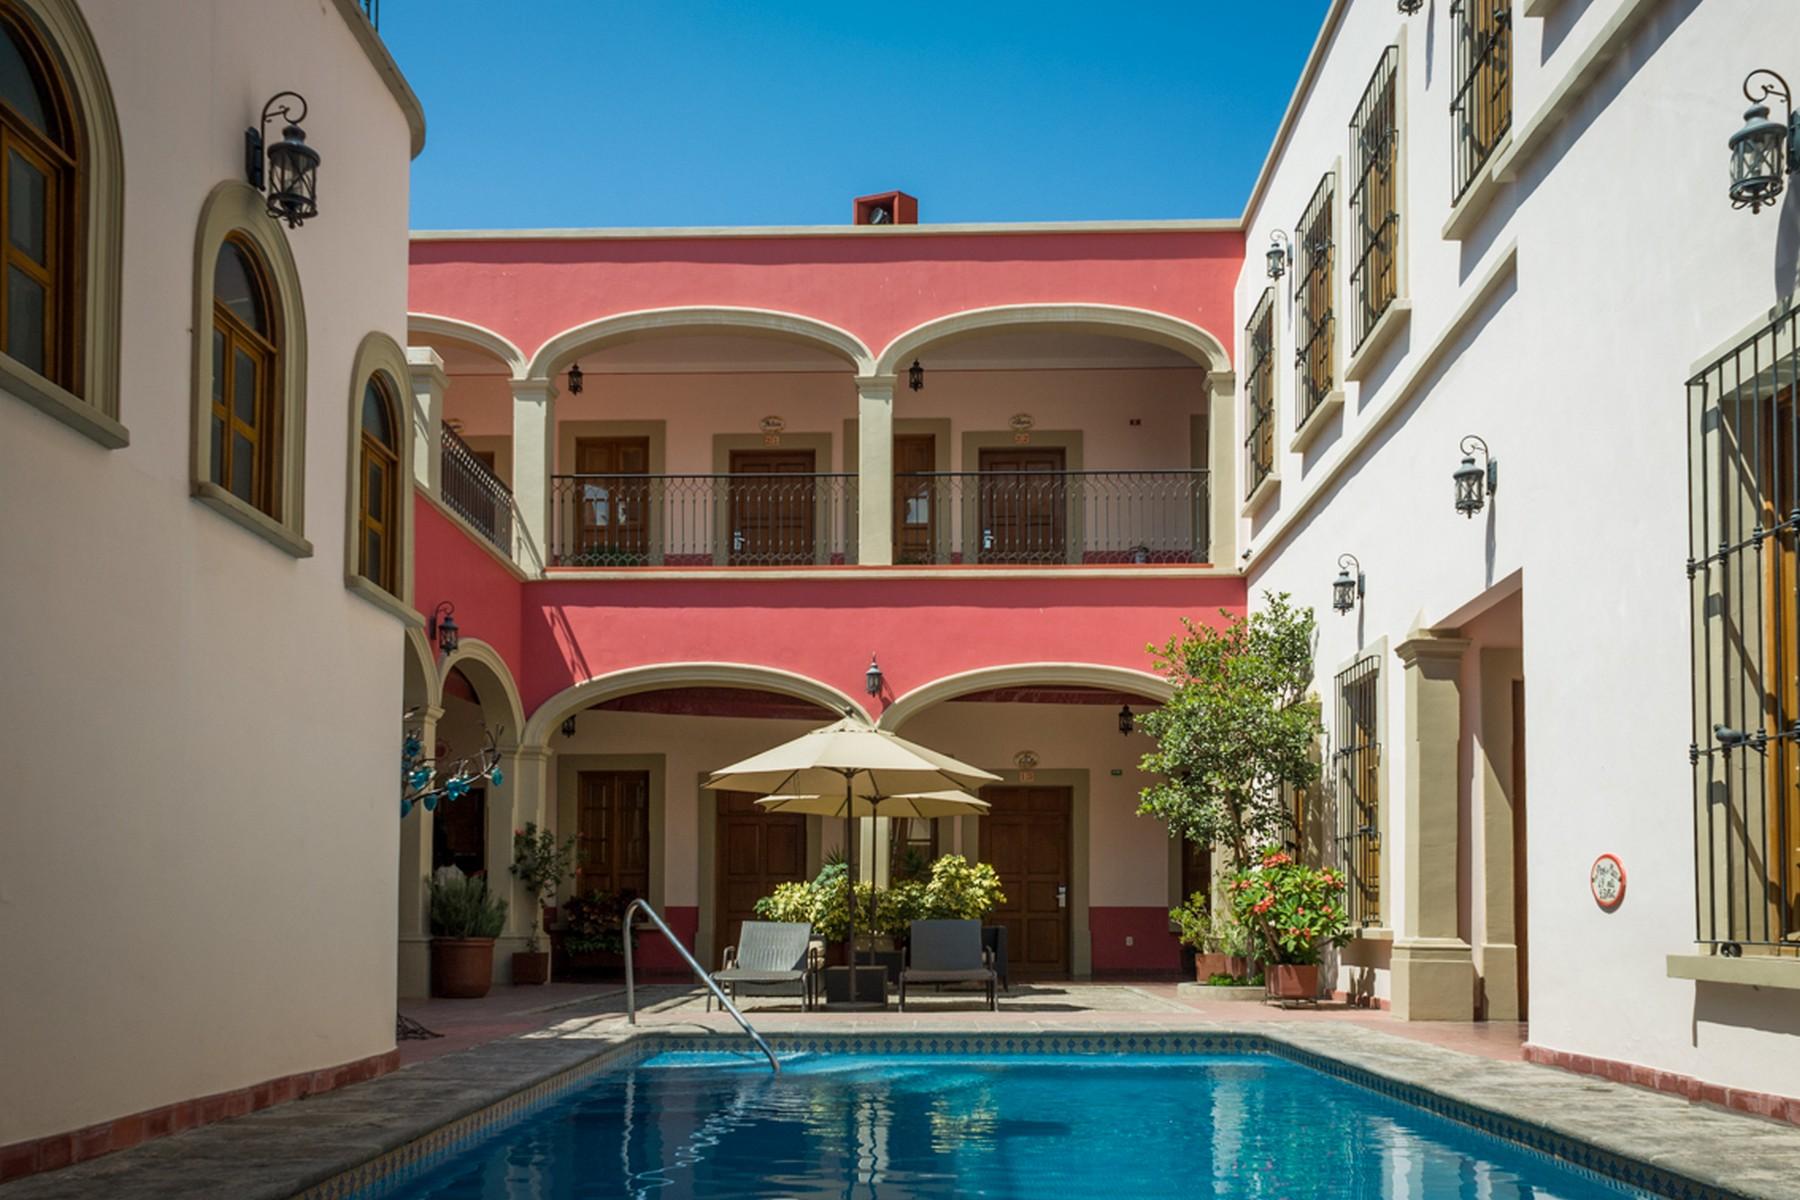 Gran Casa Sayula, Hotel, Galería & Spa